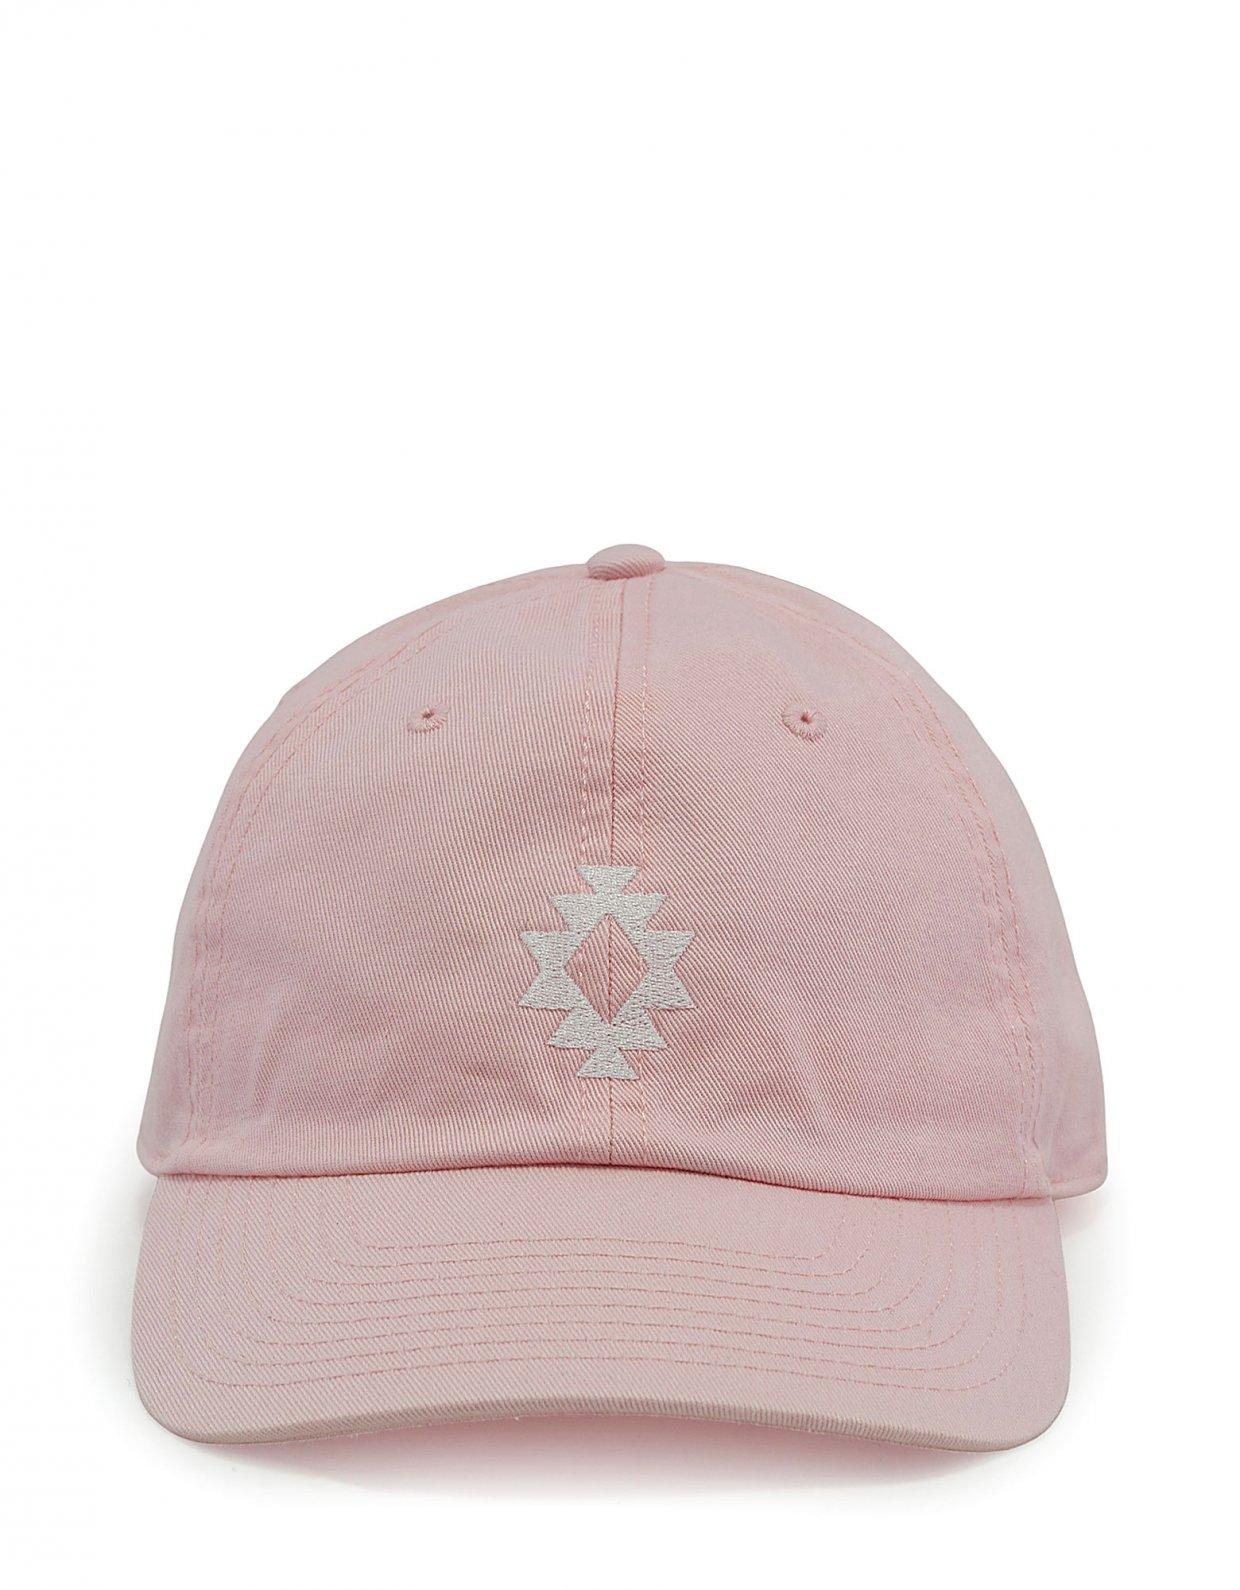 Peace & Chaos The symbol baseball cap